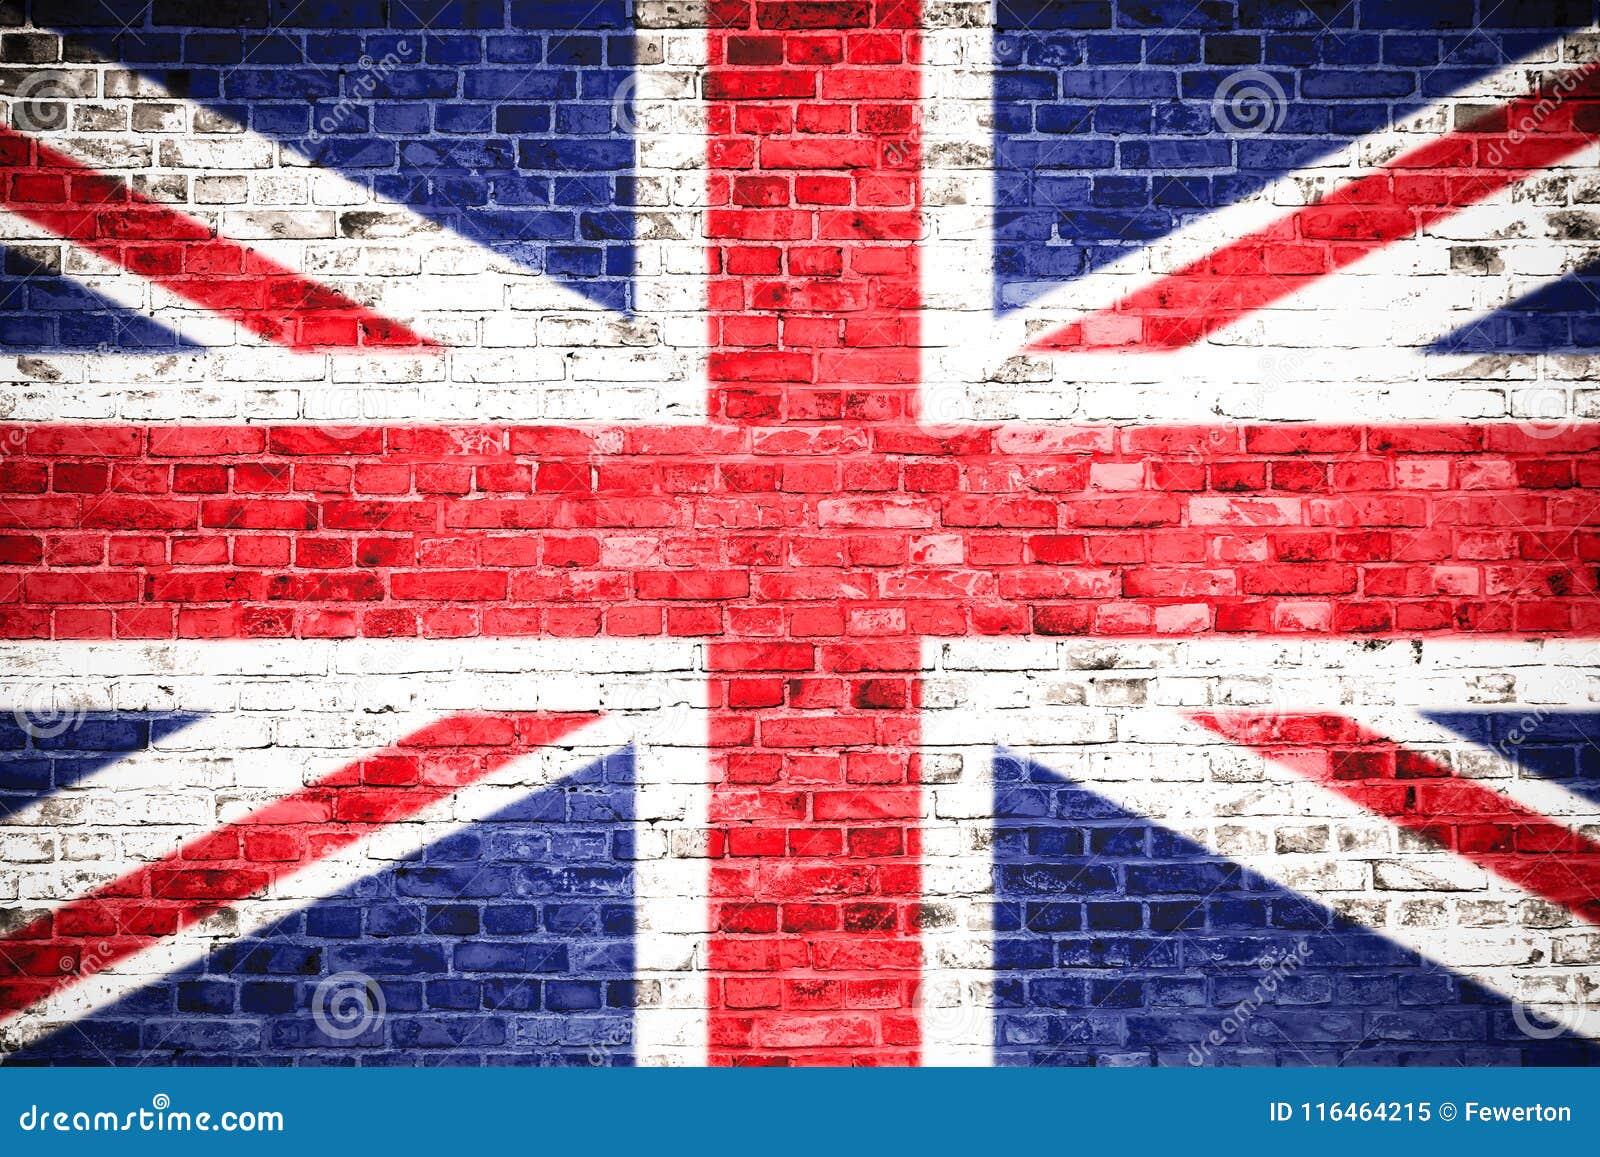 Bandera BRITÁNICA de Reino Unido pintada en una pared de ladrillo Imagen del concepto para Gran Bretaña, británicos, Inglaterra,